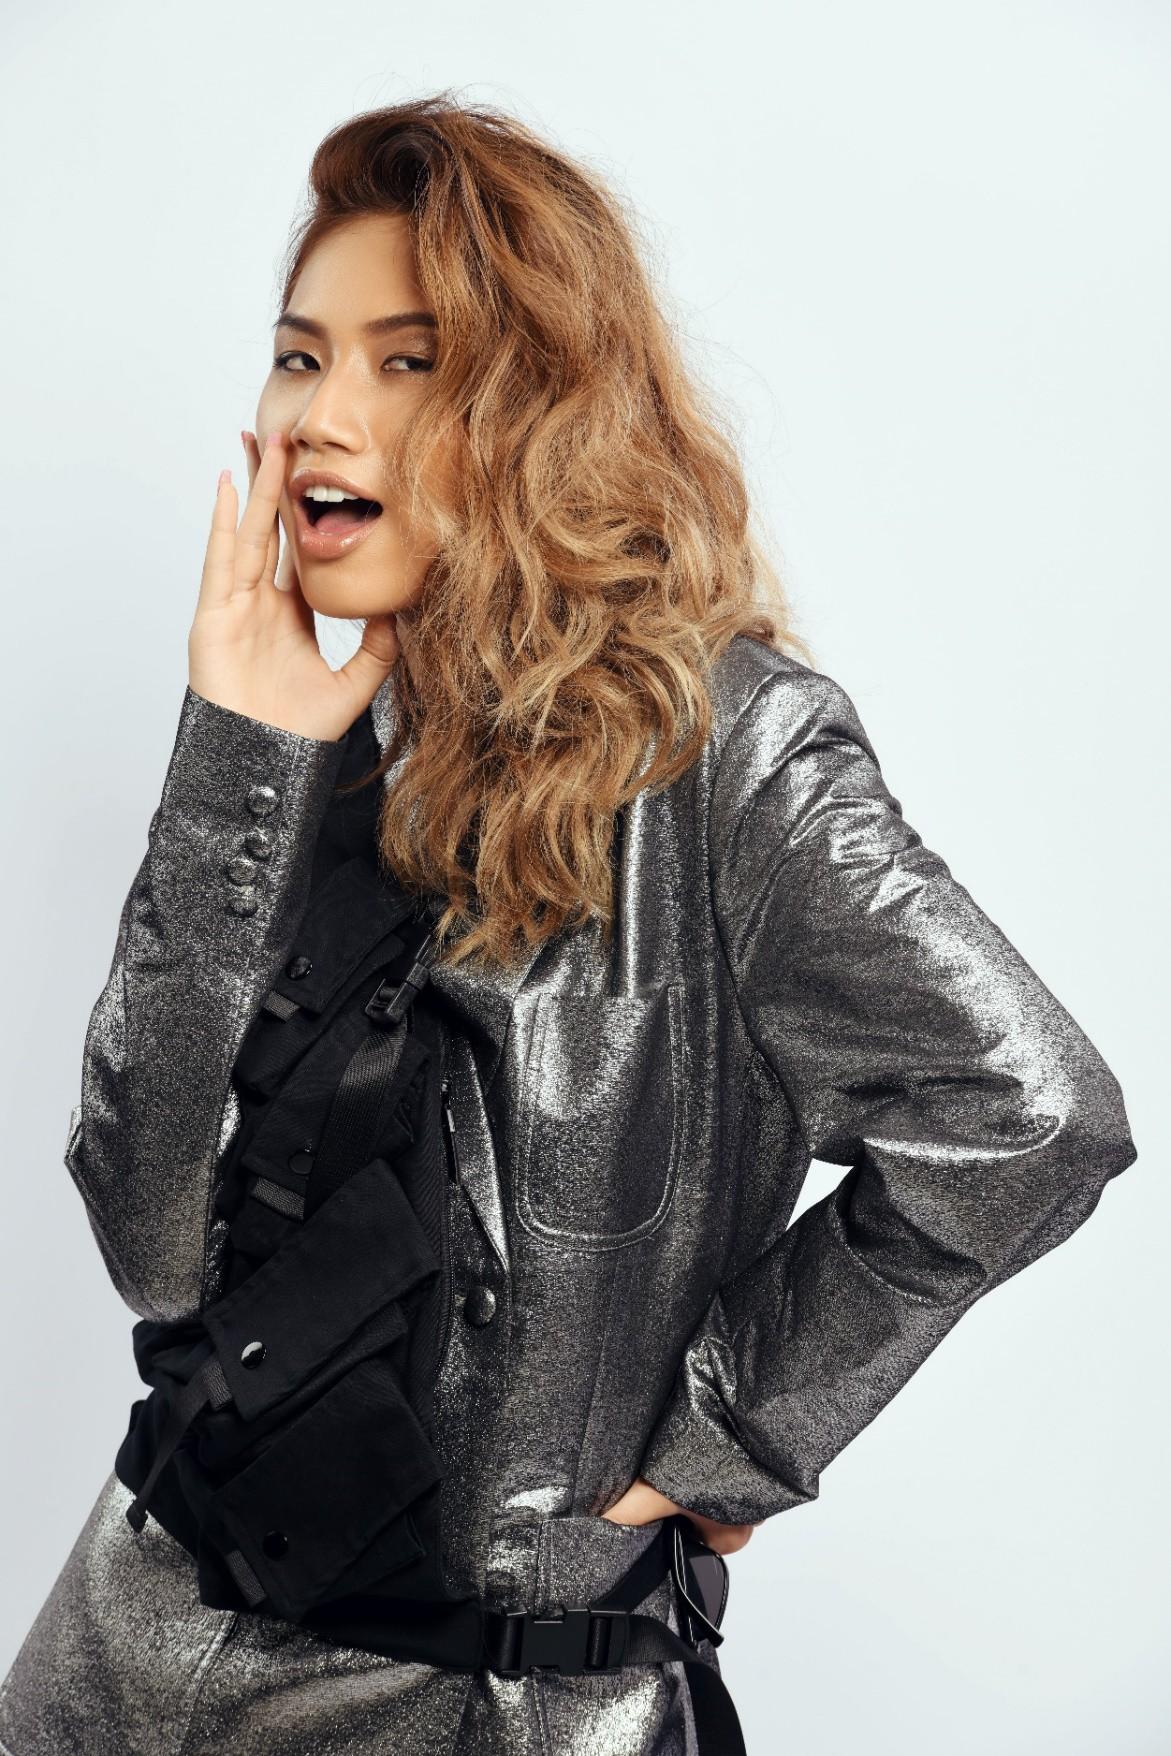 Đồng sáng tạo màu tóc nâu Pháp hot nhất mùa hè cùng L'oréal Professionnel - Ảnh 6.